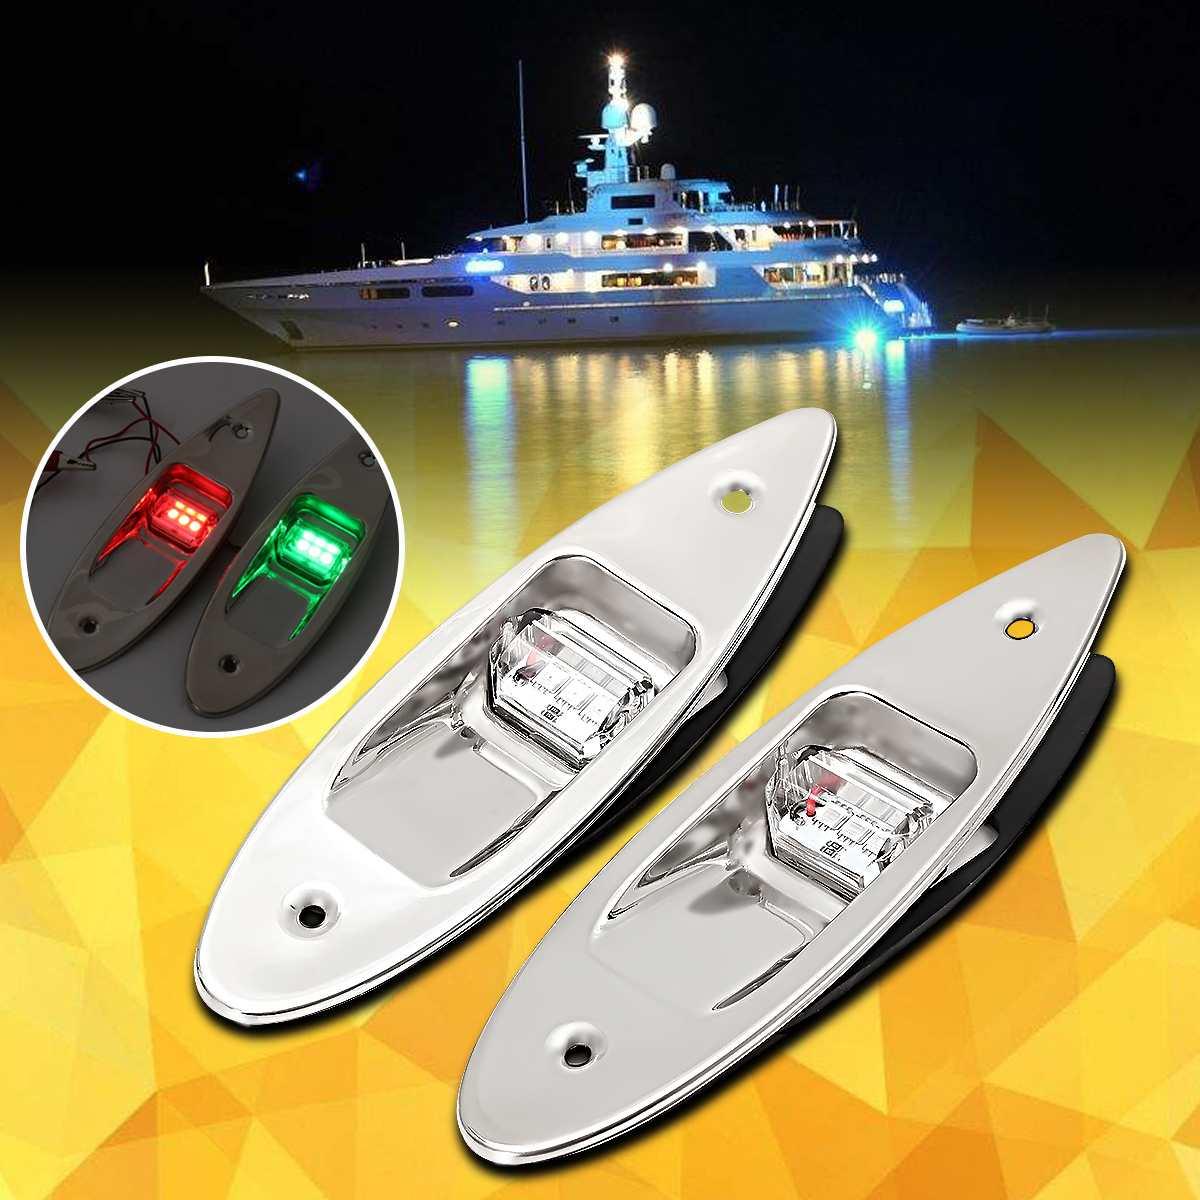 Nouveau universel 2x12 V rouge et vert imperméable à l'eau Marine bateau lumière LED marqueur latéral Navigation affleurant lumière en acier inoxydable